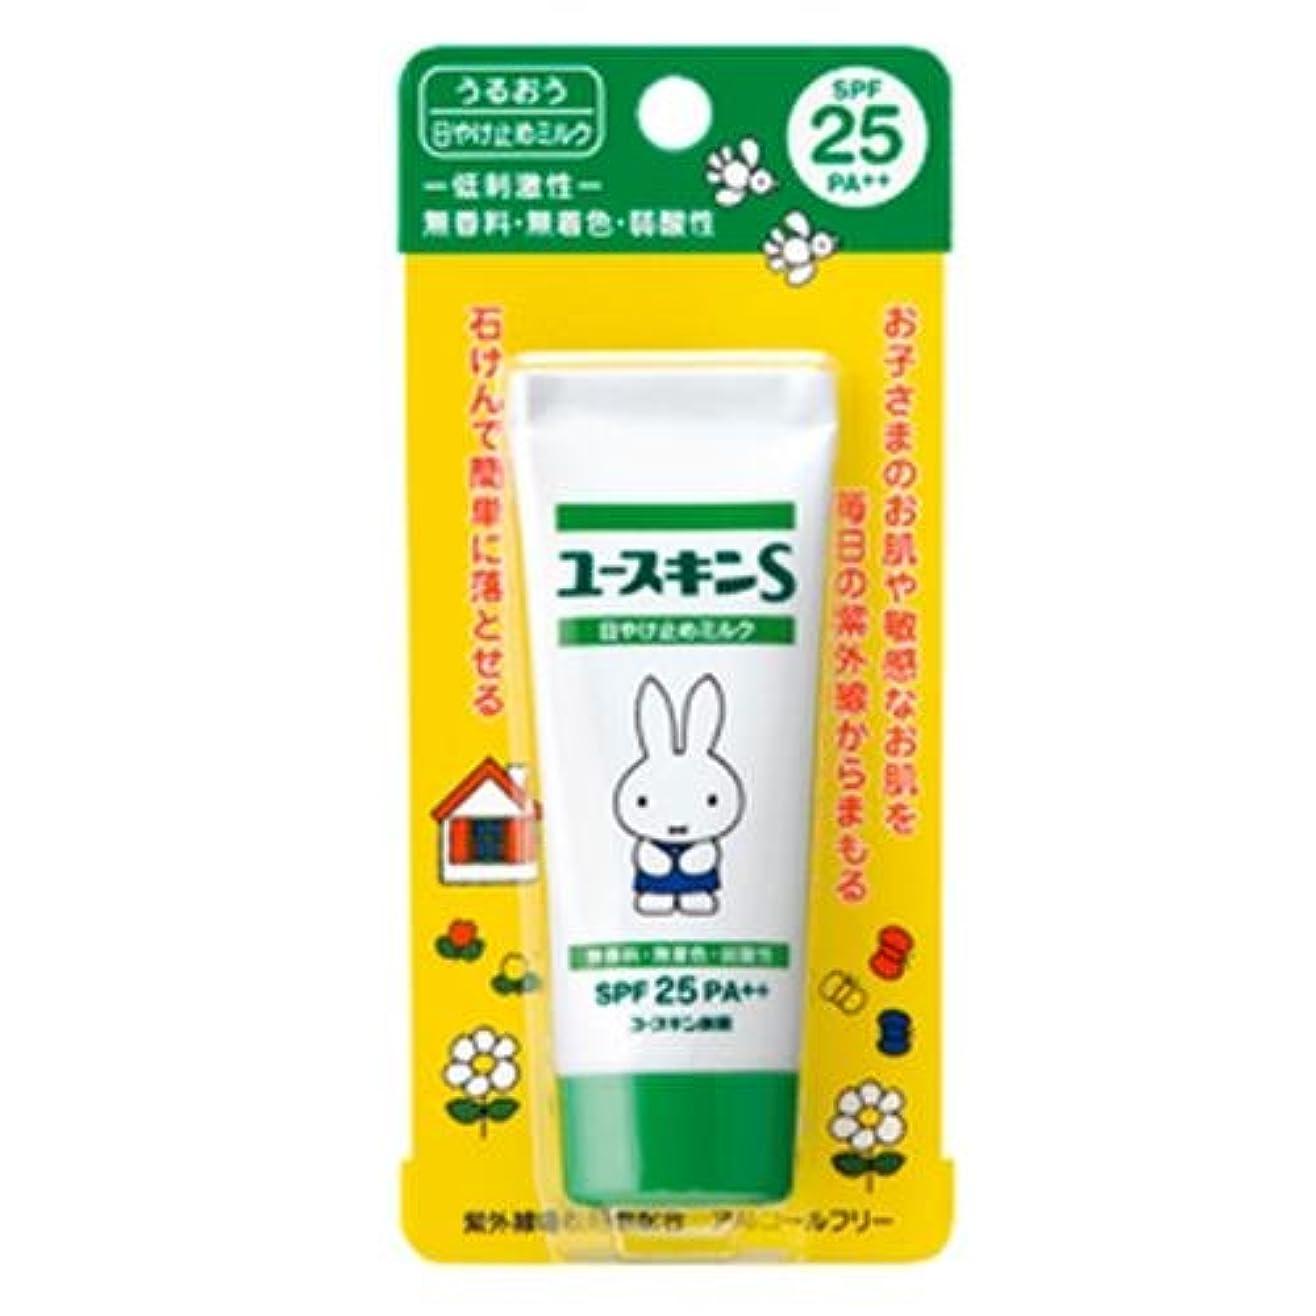 殺人者死すべきシンカンユースキンS UVミルク SPF25 PA++ 40g (敏感肌用 日焼け止め)